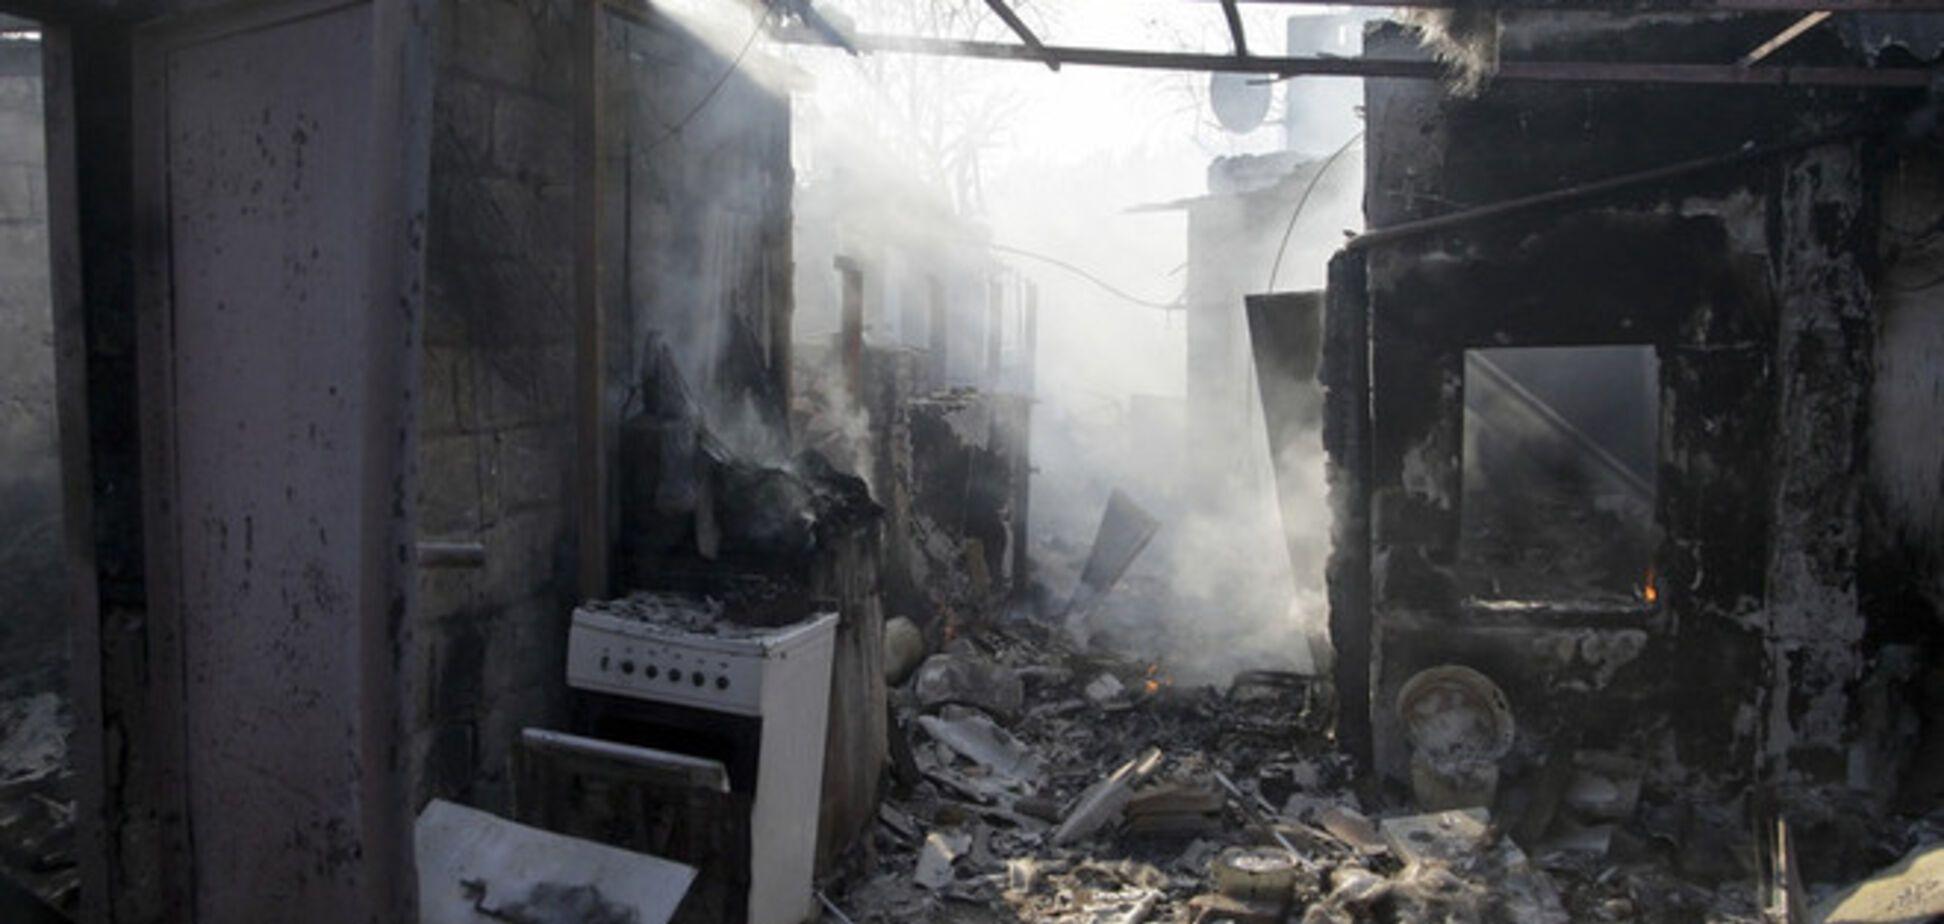 На Донбассе за день 'перемирия' гибнет девять человек - ООН